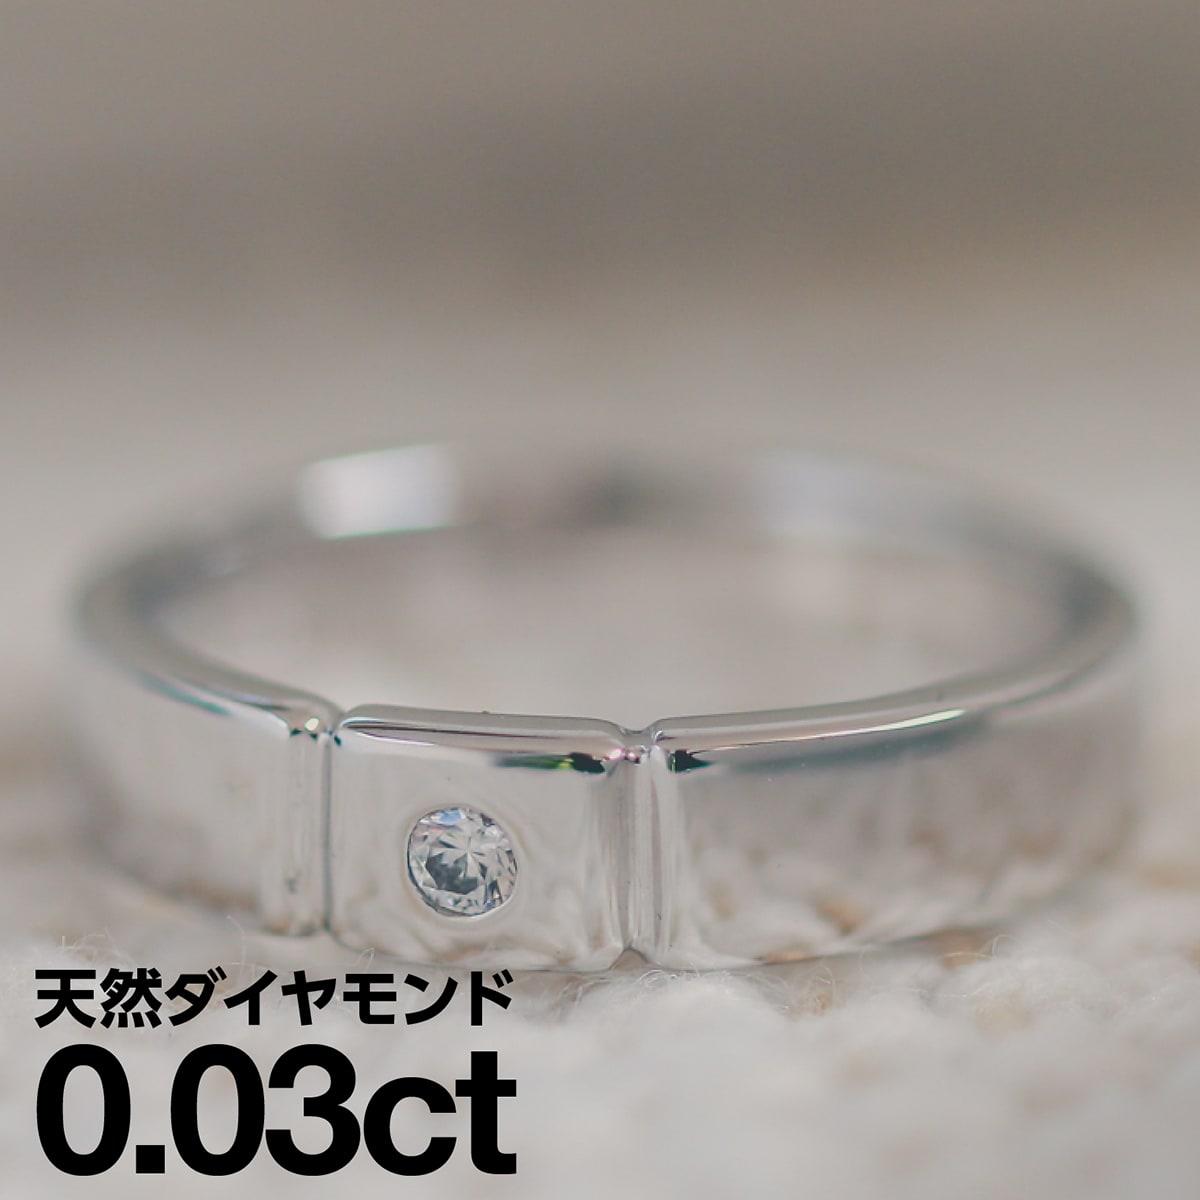 一粒 ダイヤモンド リング シルバー925 シルバーリング ファッションリング 品質保証書 金属アレルギー 日本製 誕生日 ギフトhstdCxrBQo